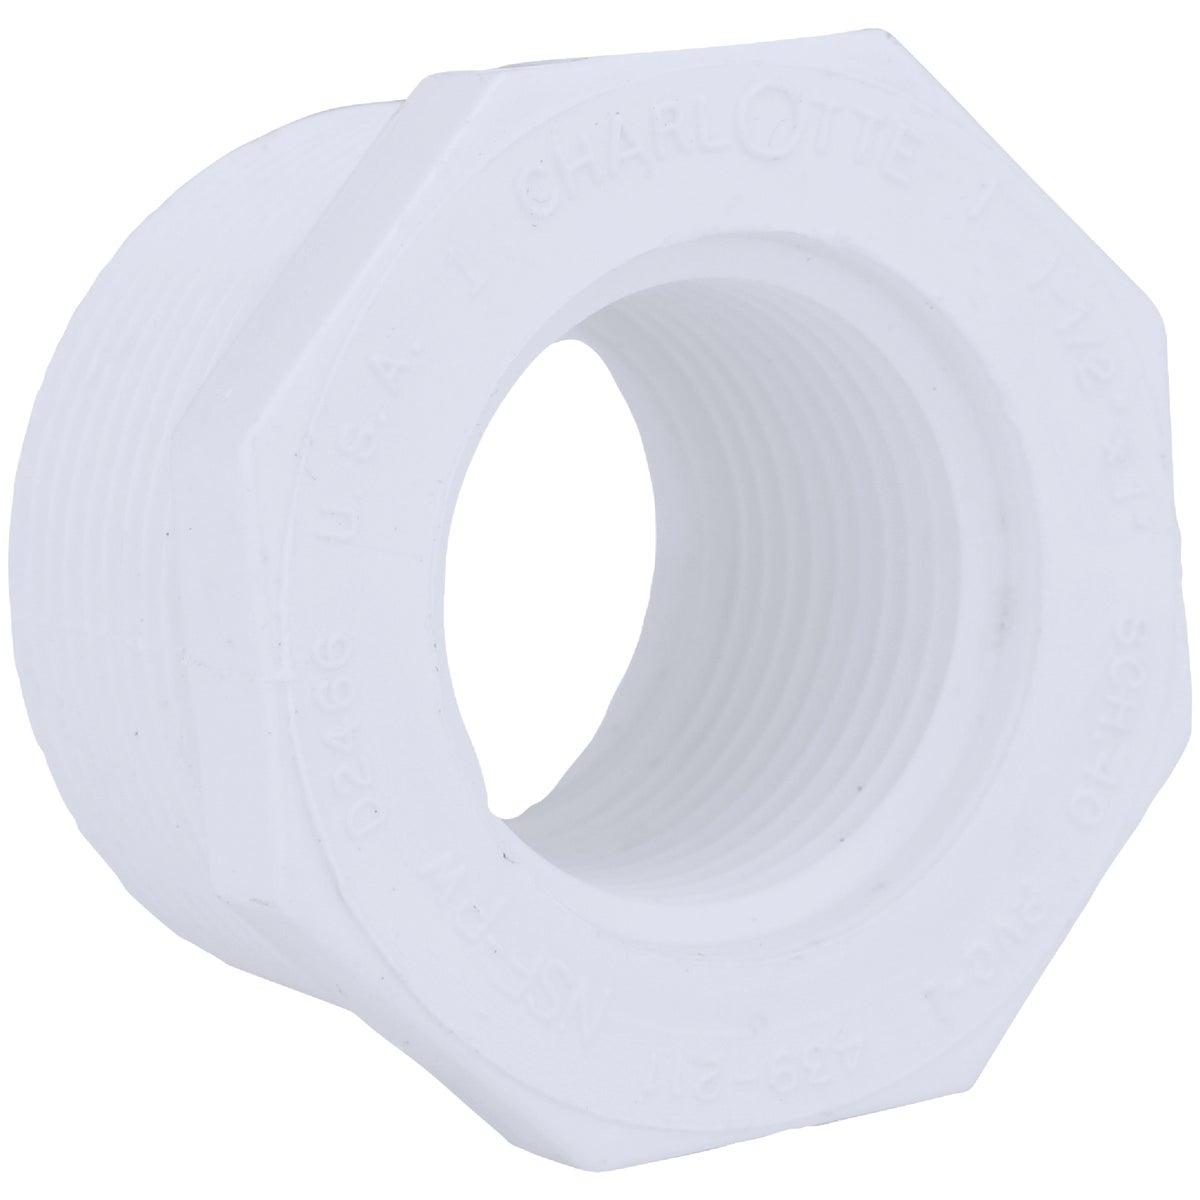 1-1/2X1 PVC MXF BUSHING - 34350 by Genova Inc